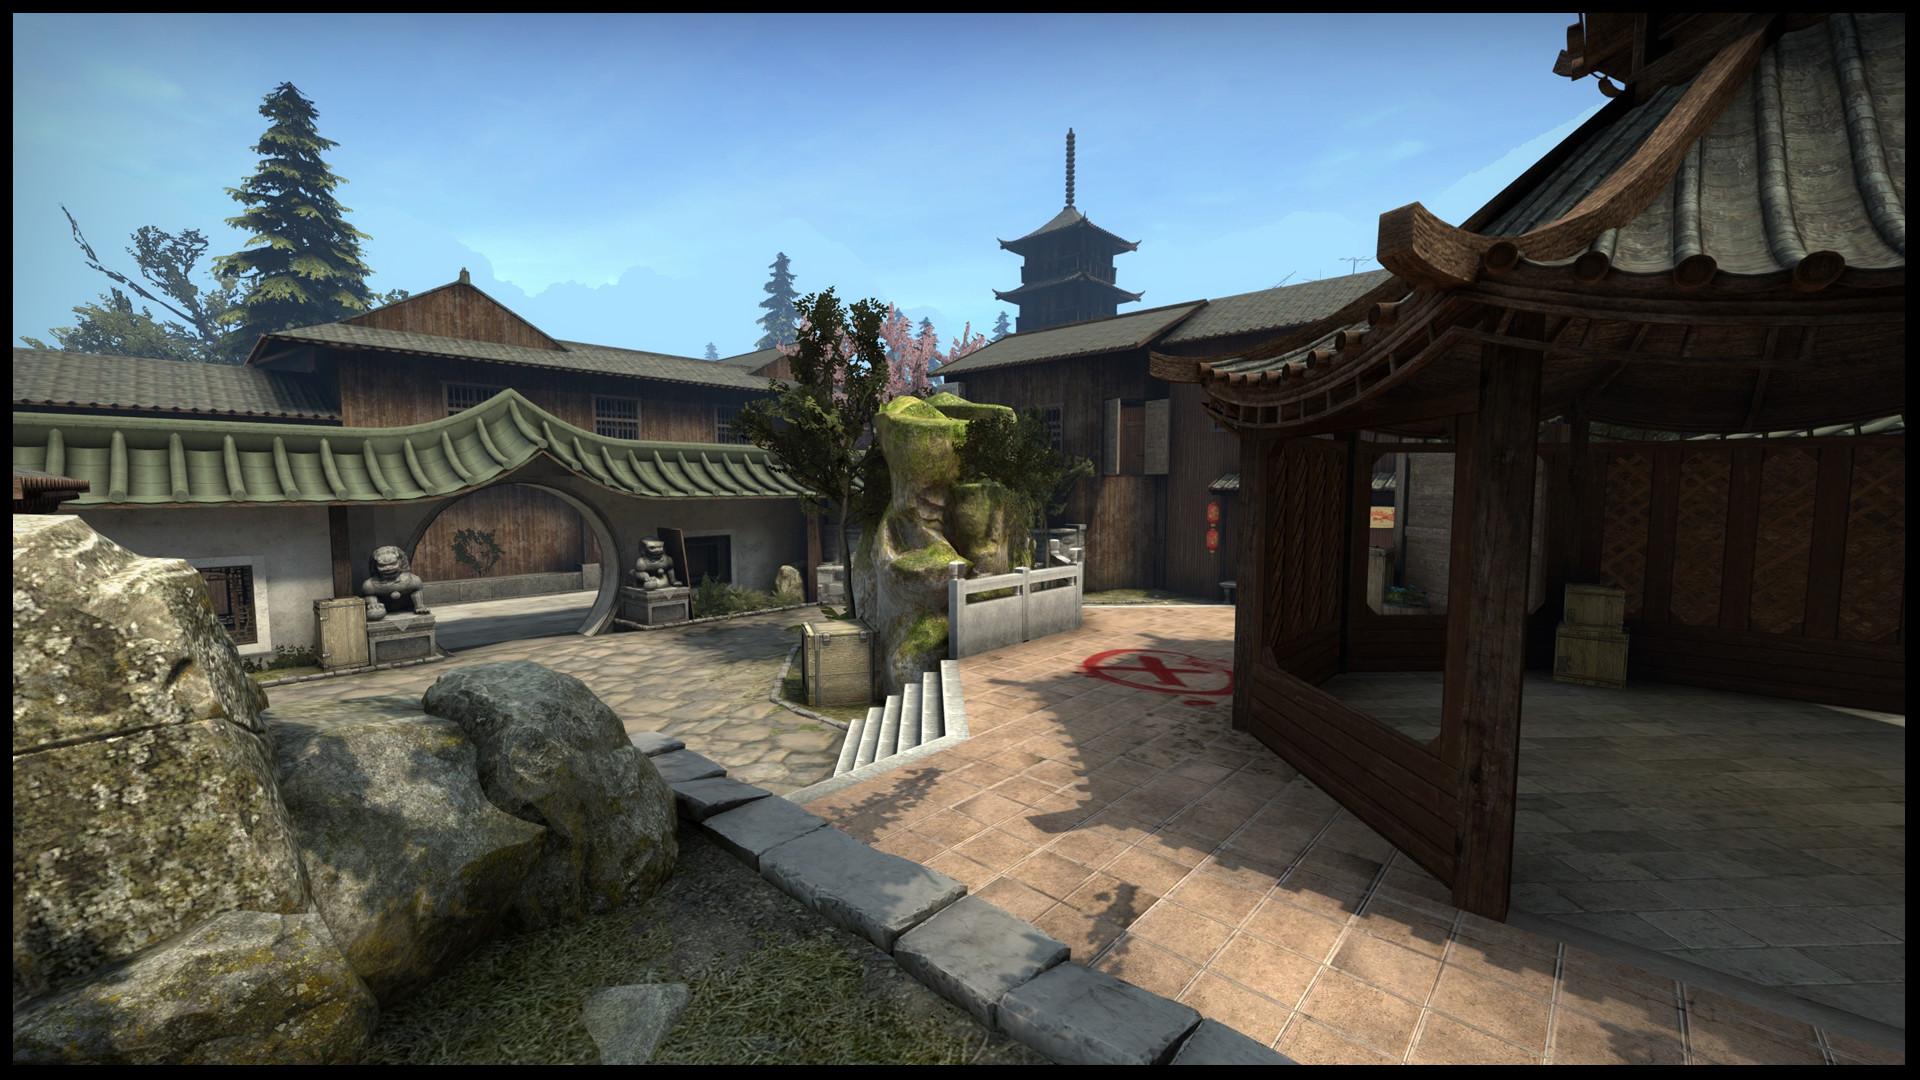 Jingshen.jpg.06b3aa35aac761df932a54ae26e91882.jpg